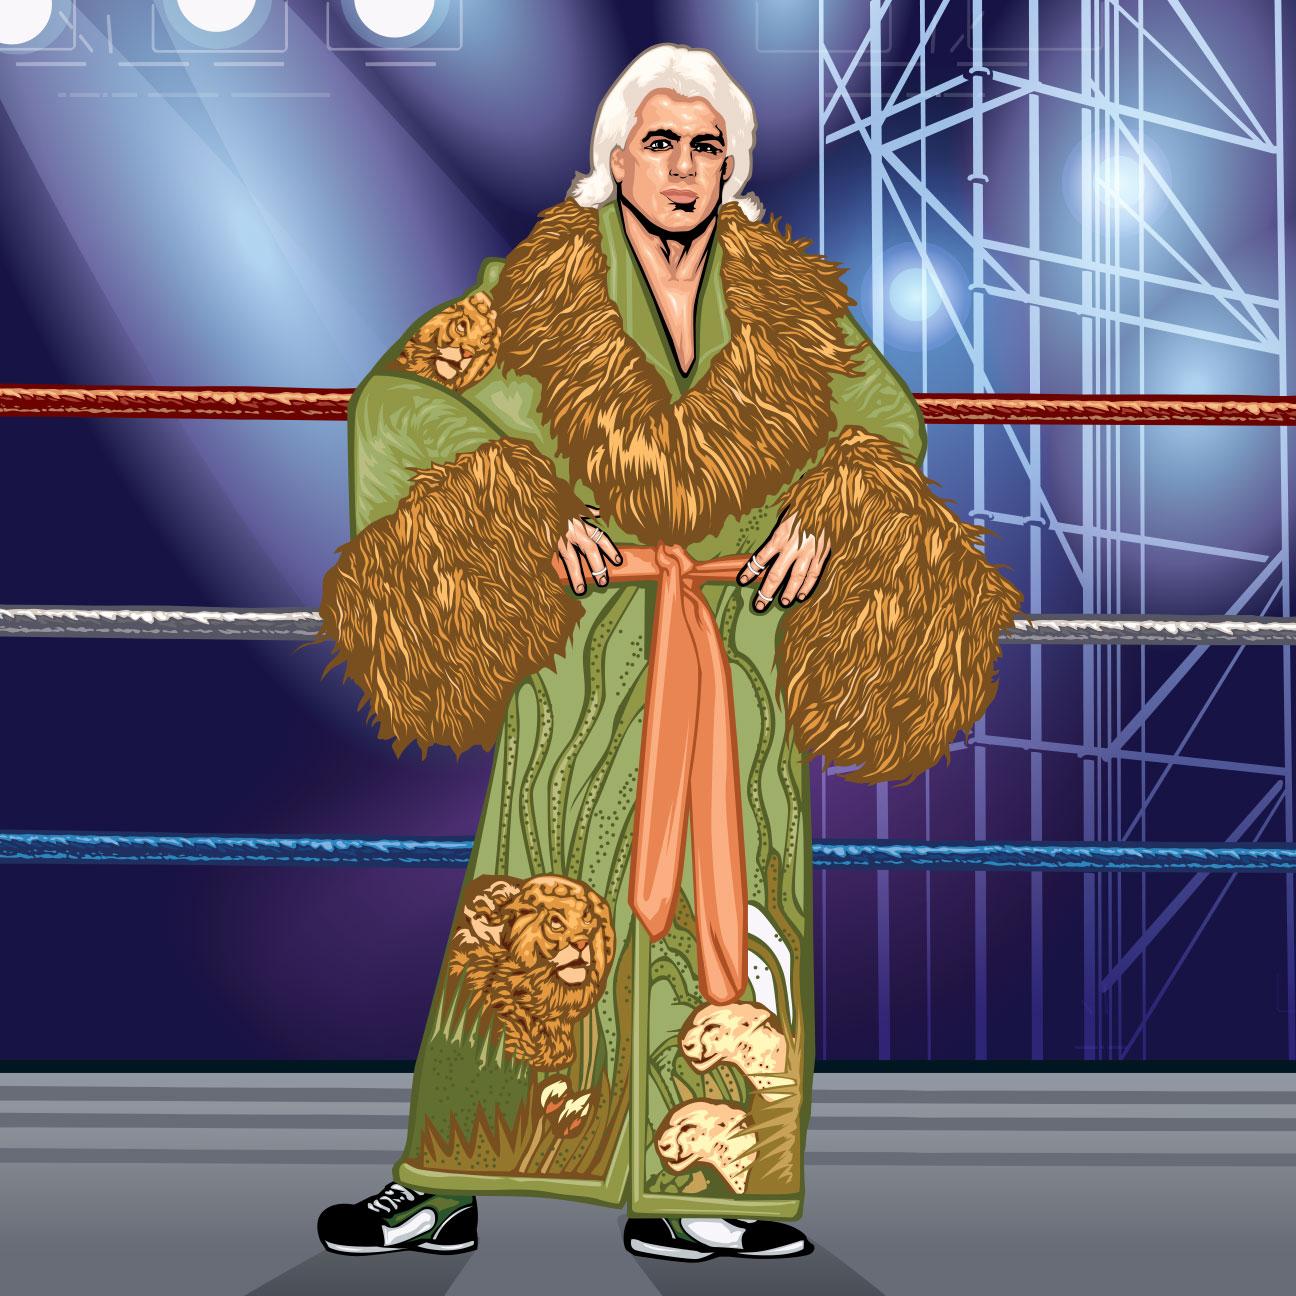 Ric flair robe plane